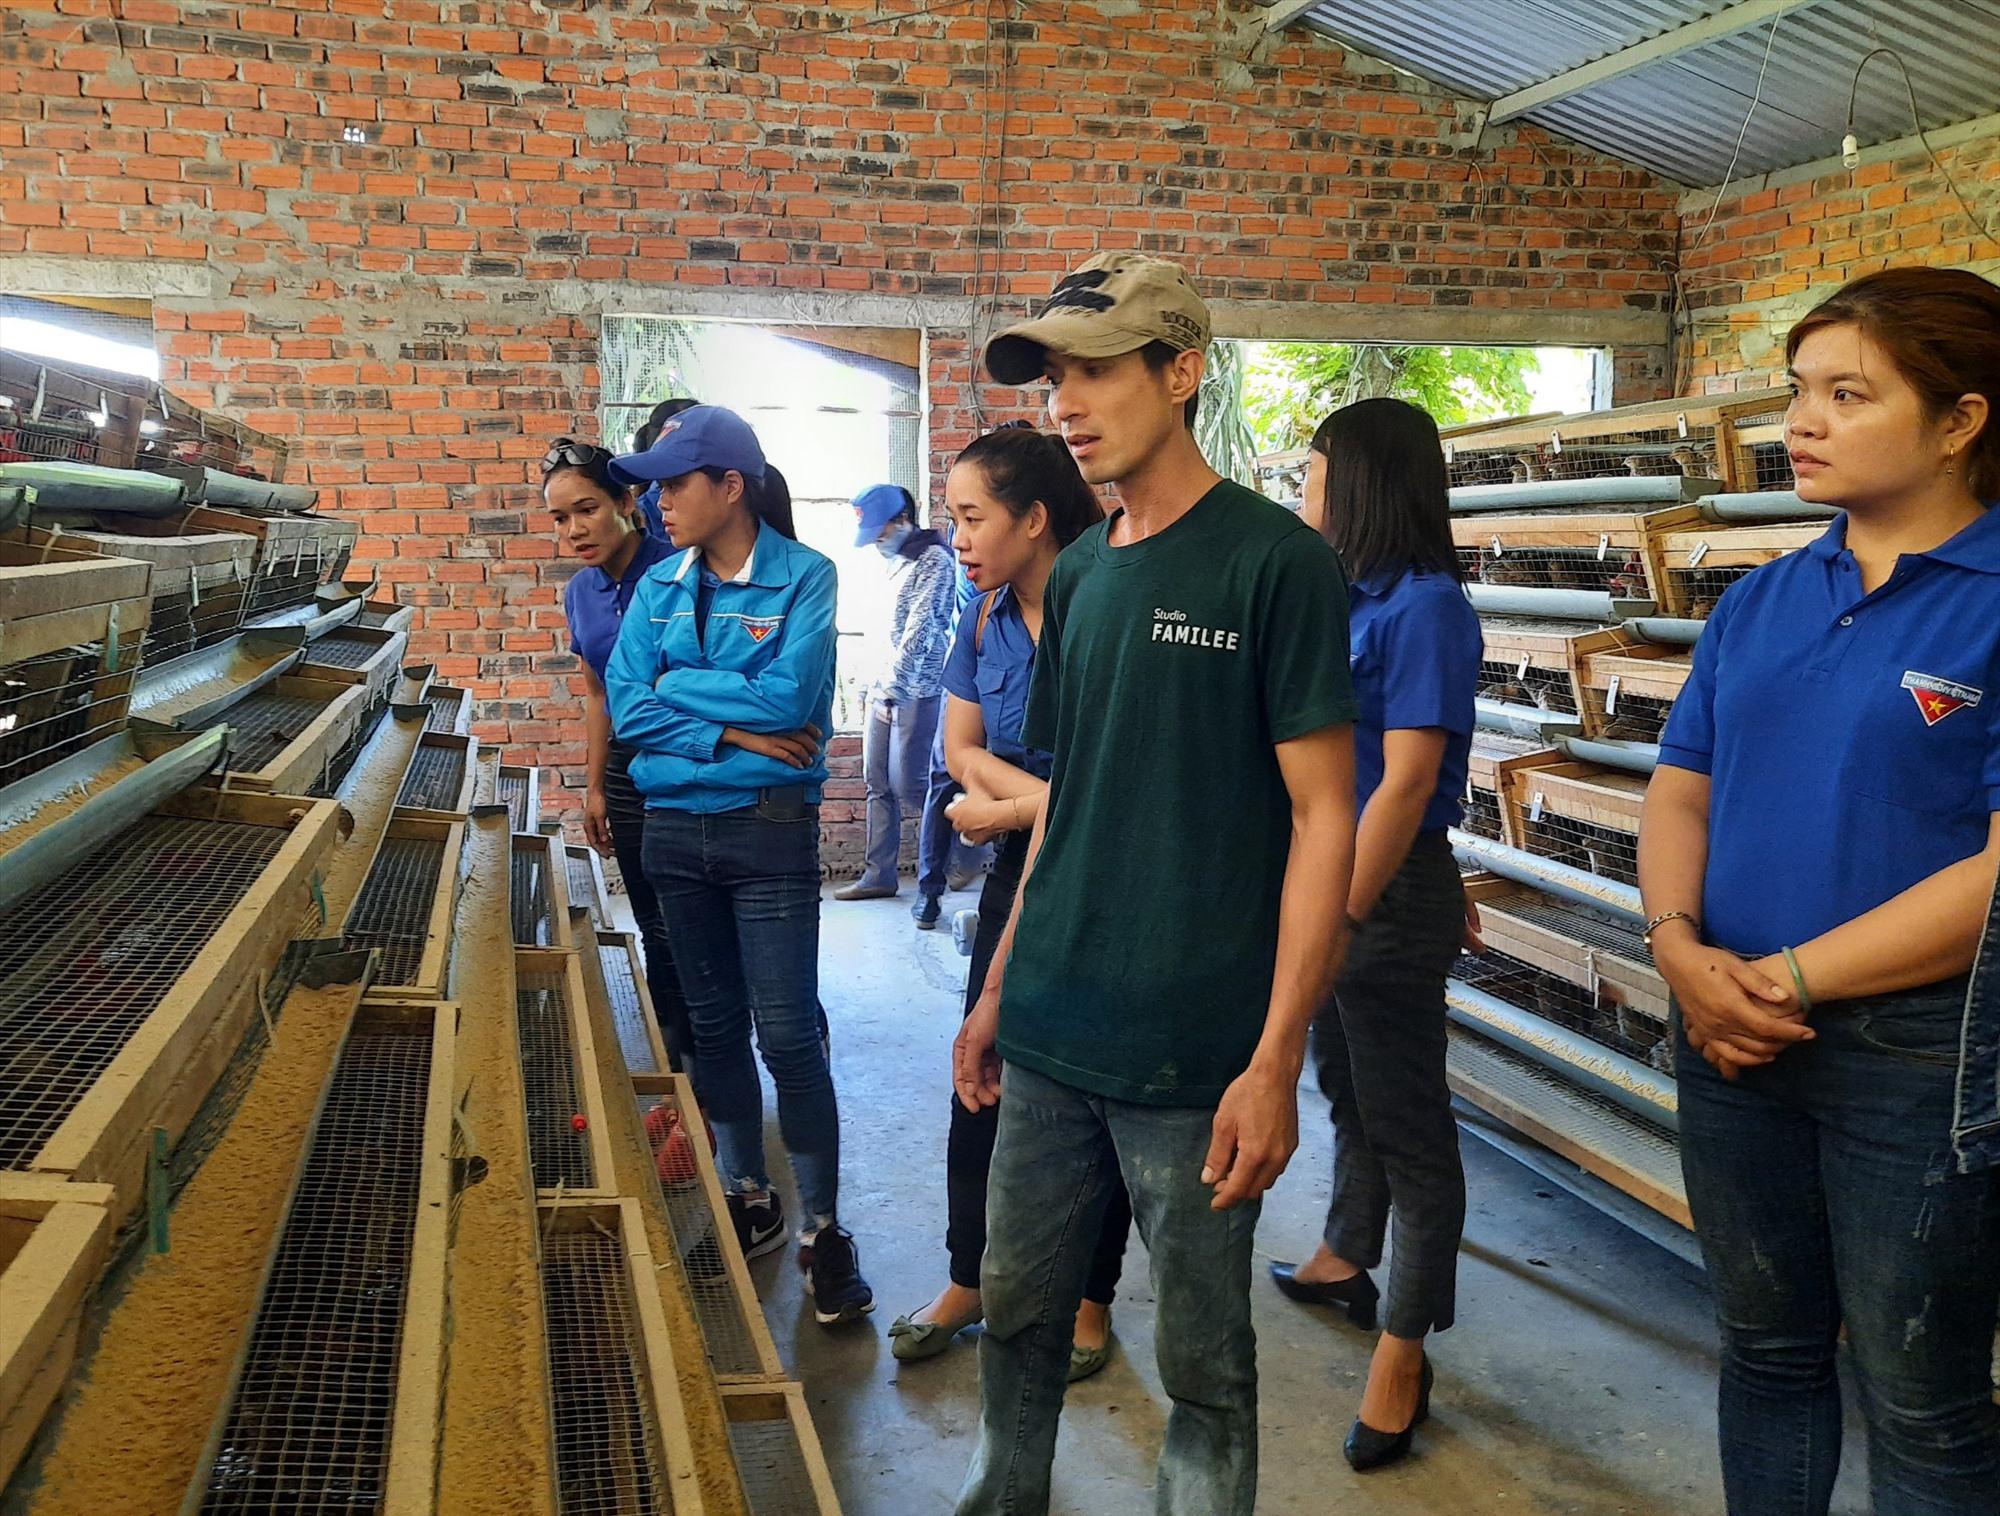 Đoàn thanh niên xã Quế Thọ tổ chức tham quan mô hình nuôi chim cút của ông Nguyễn Hải Sơn. Ảnh: TÌNH CHUNG